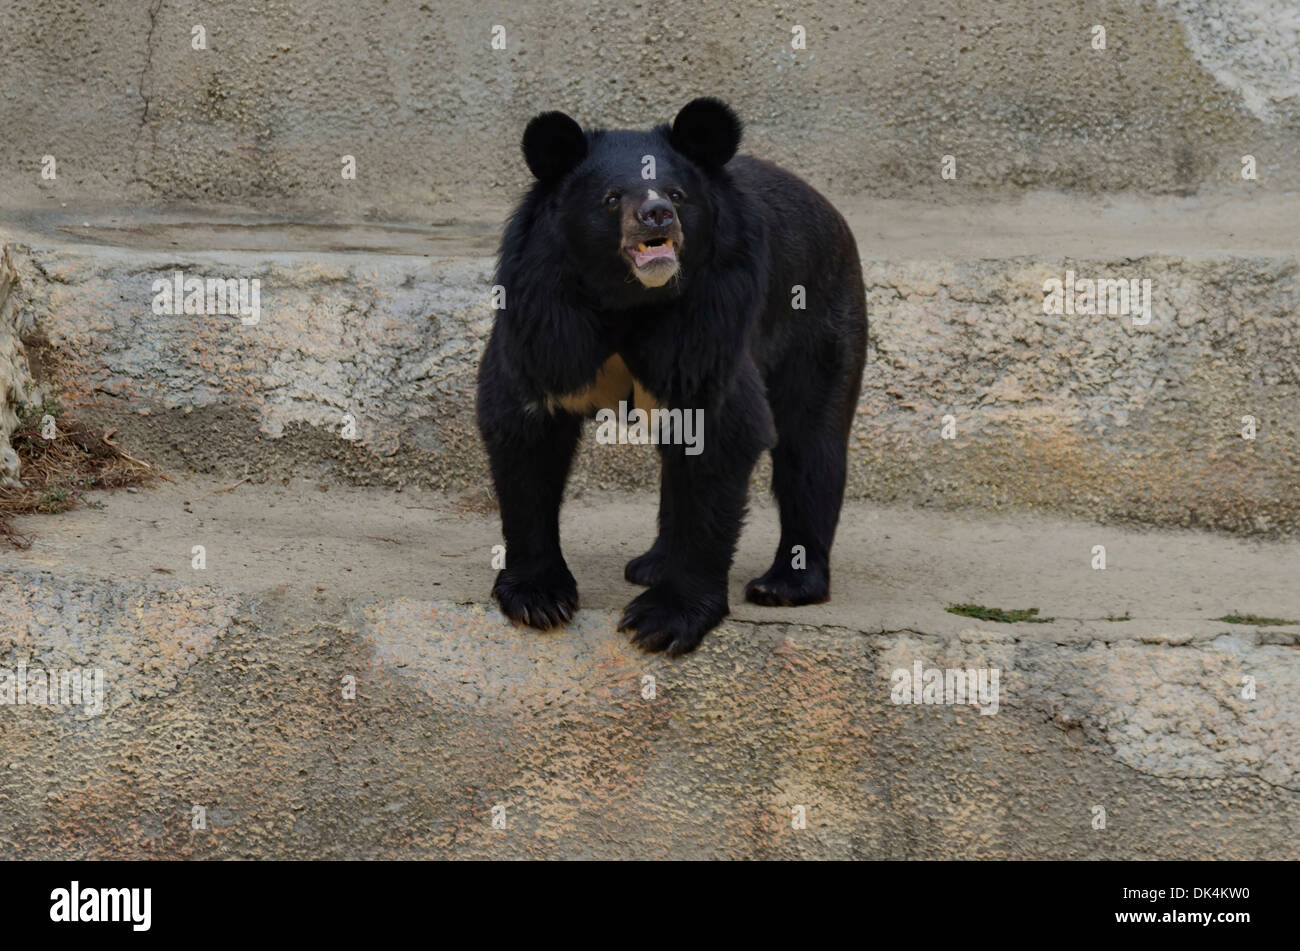 Himalayan black bear - Stock Image